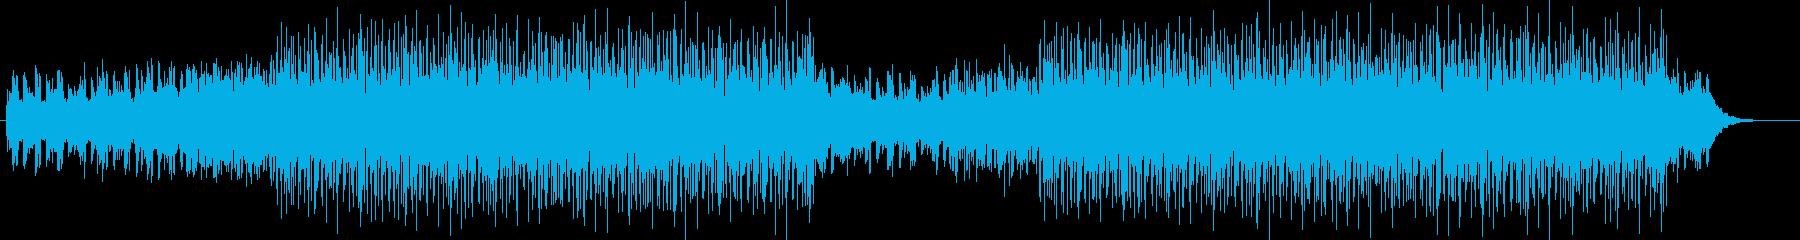 おしゃれでなめらかなメロディーの再生済みの波形